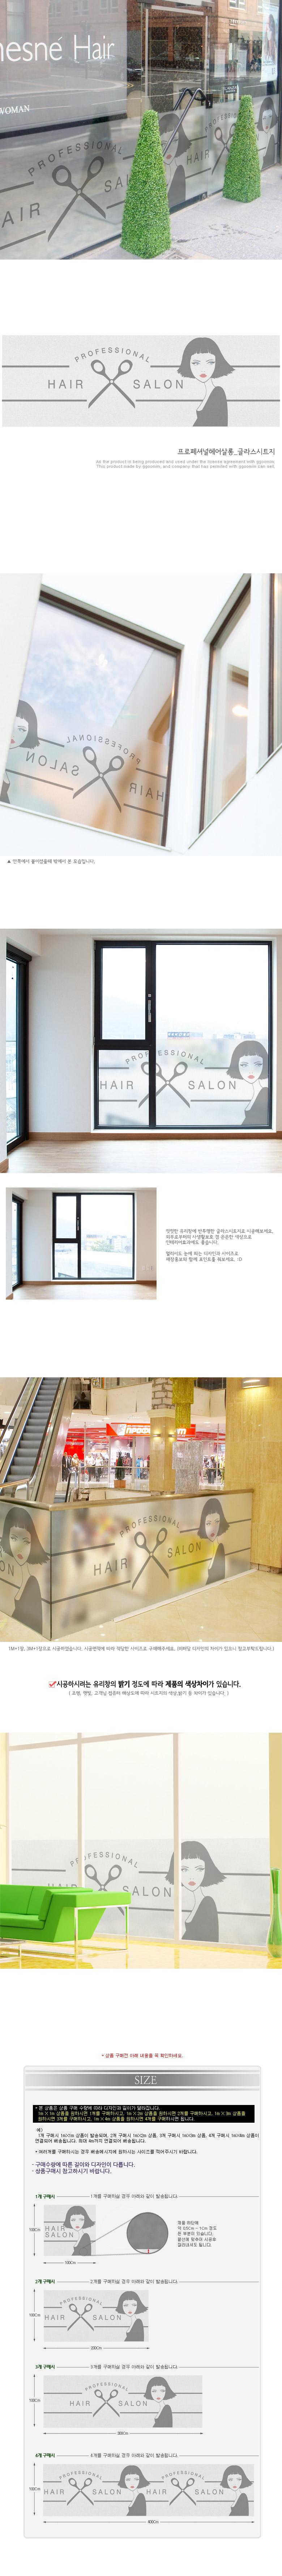 im558-프로페셔널헤어살롱_글라스시트지 - 꾸밈, 16,000원, 벽지/시트지, 디자인 시트지